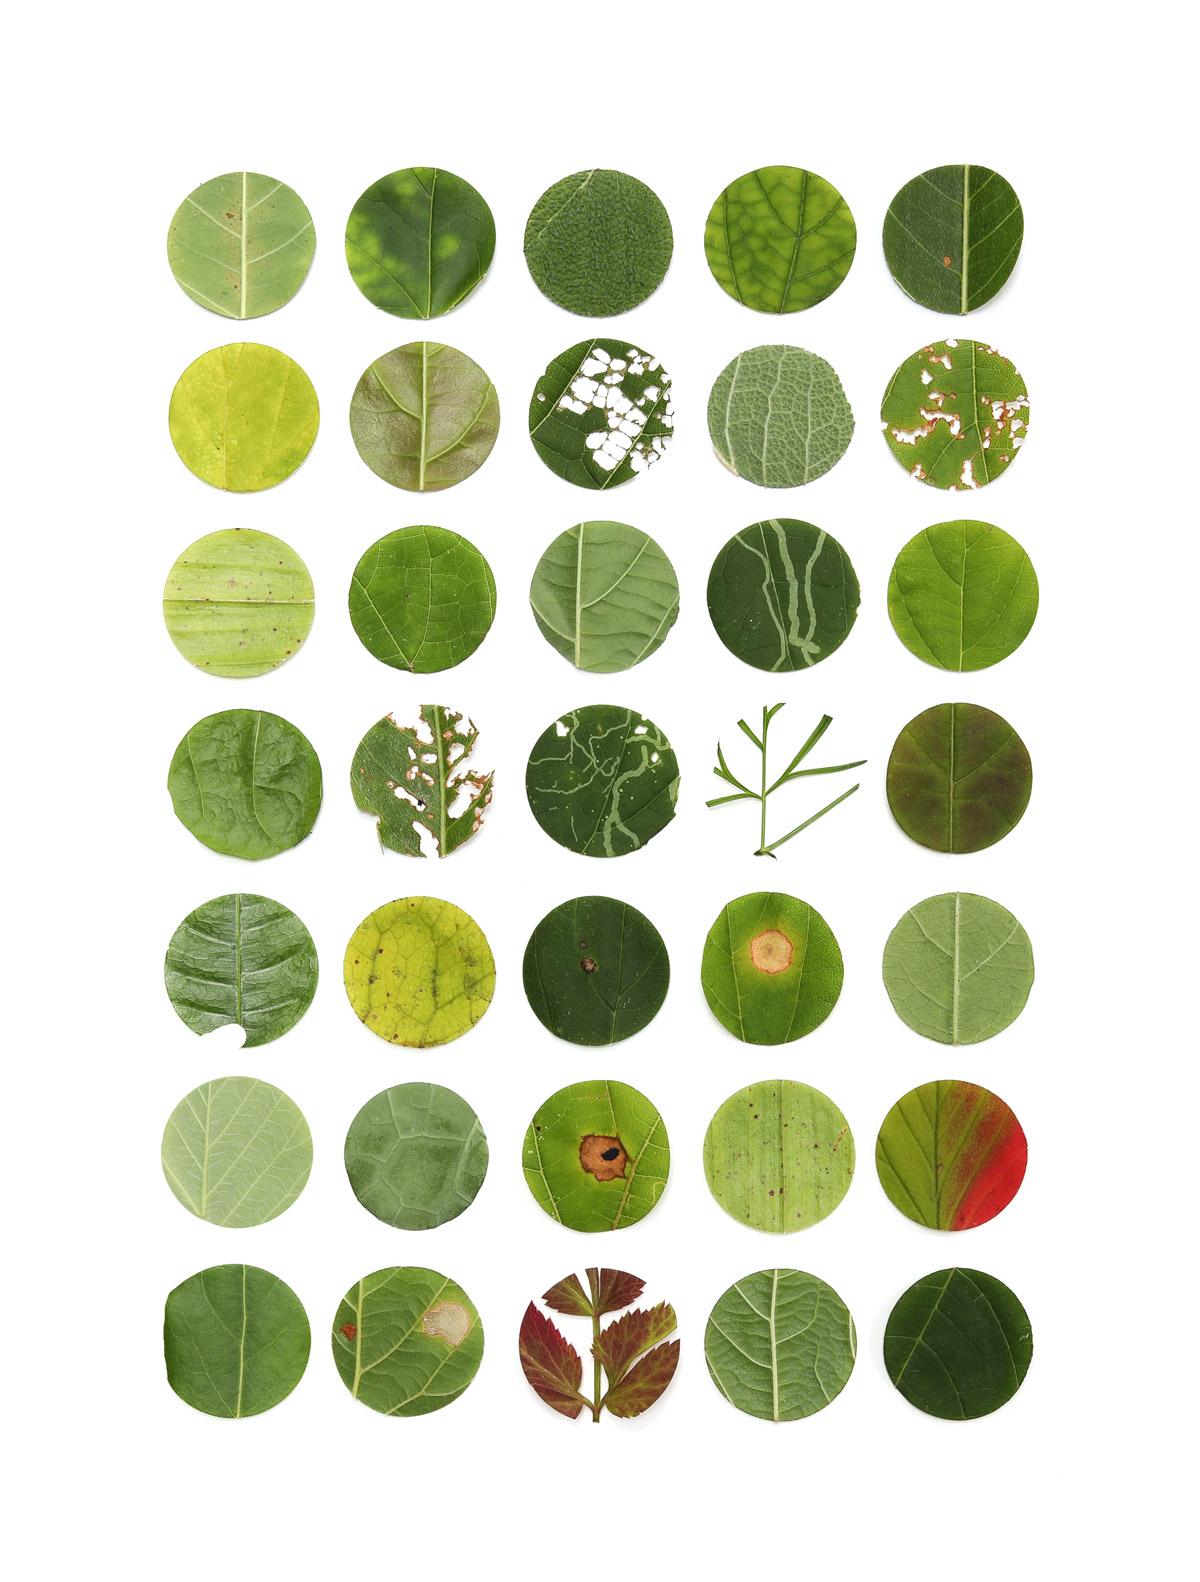 35 shades of green